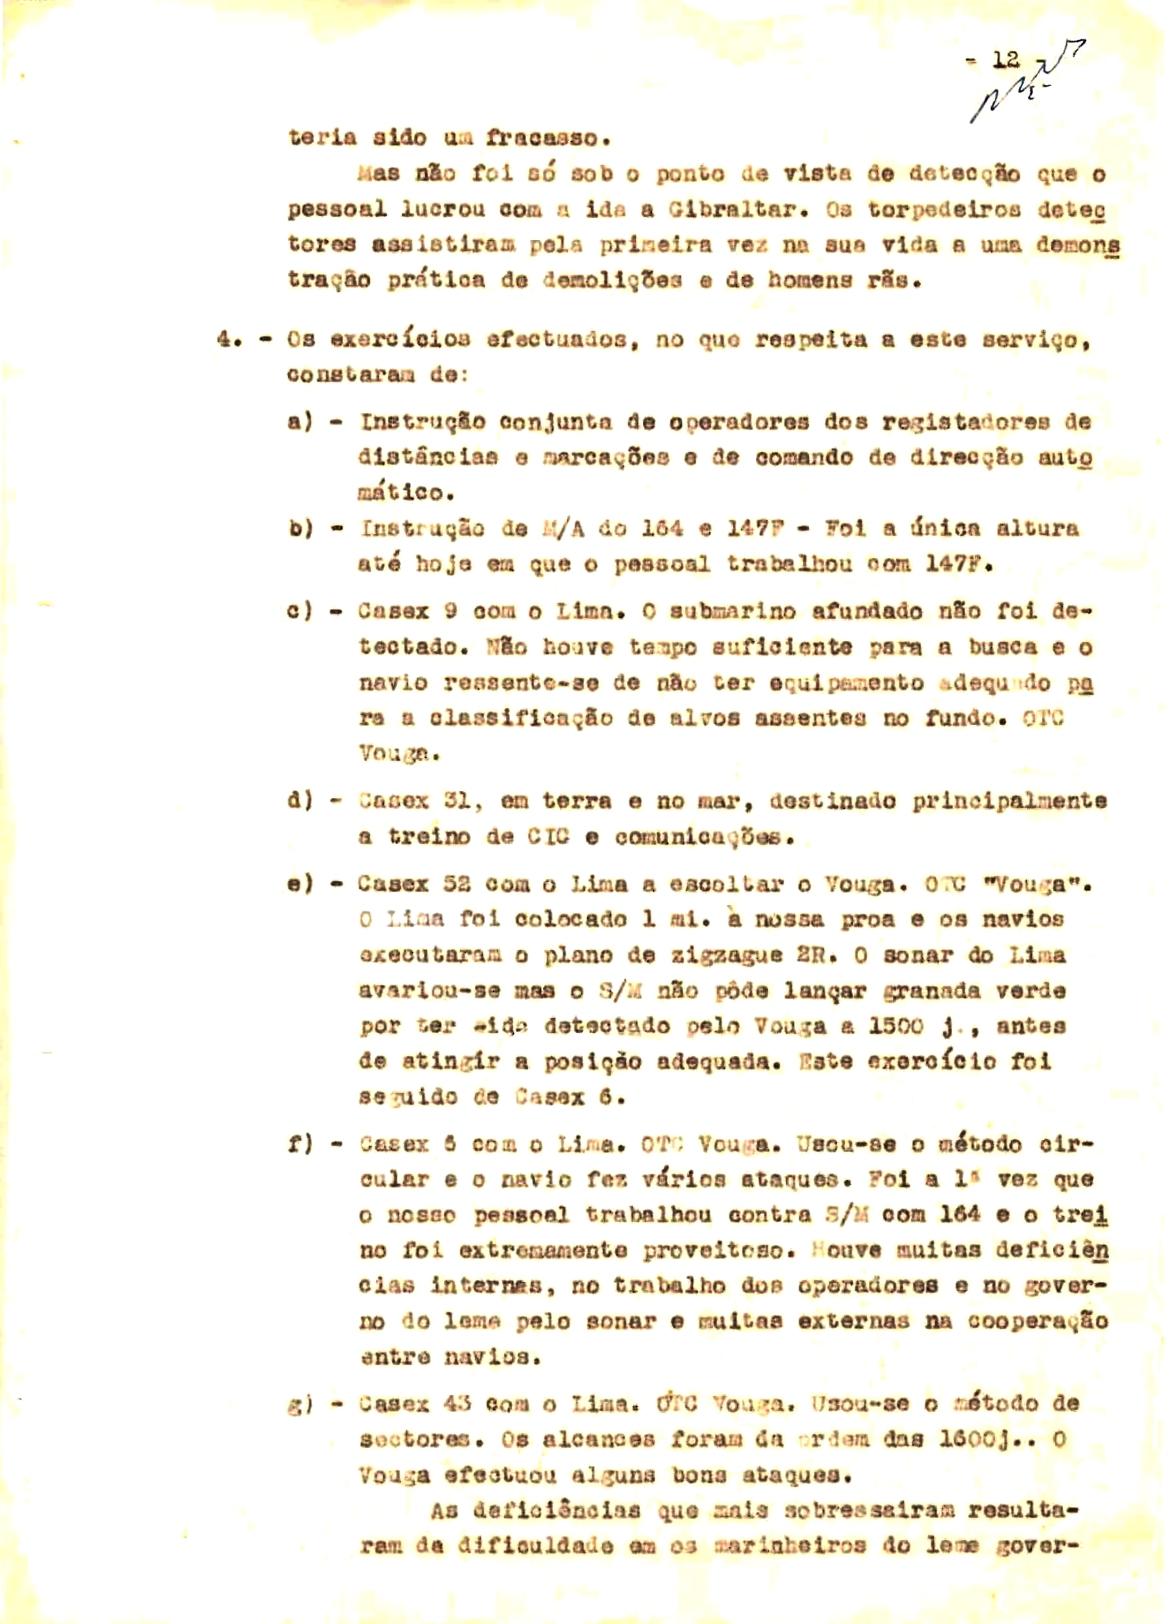 00349 57-10-21 cópia do Relatório do Chefe do Serviço de Armas Submarina do CT Vouga 1º Ten Nunes da Silva-12